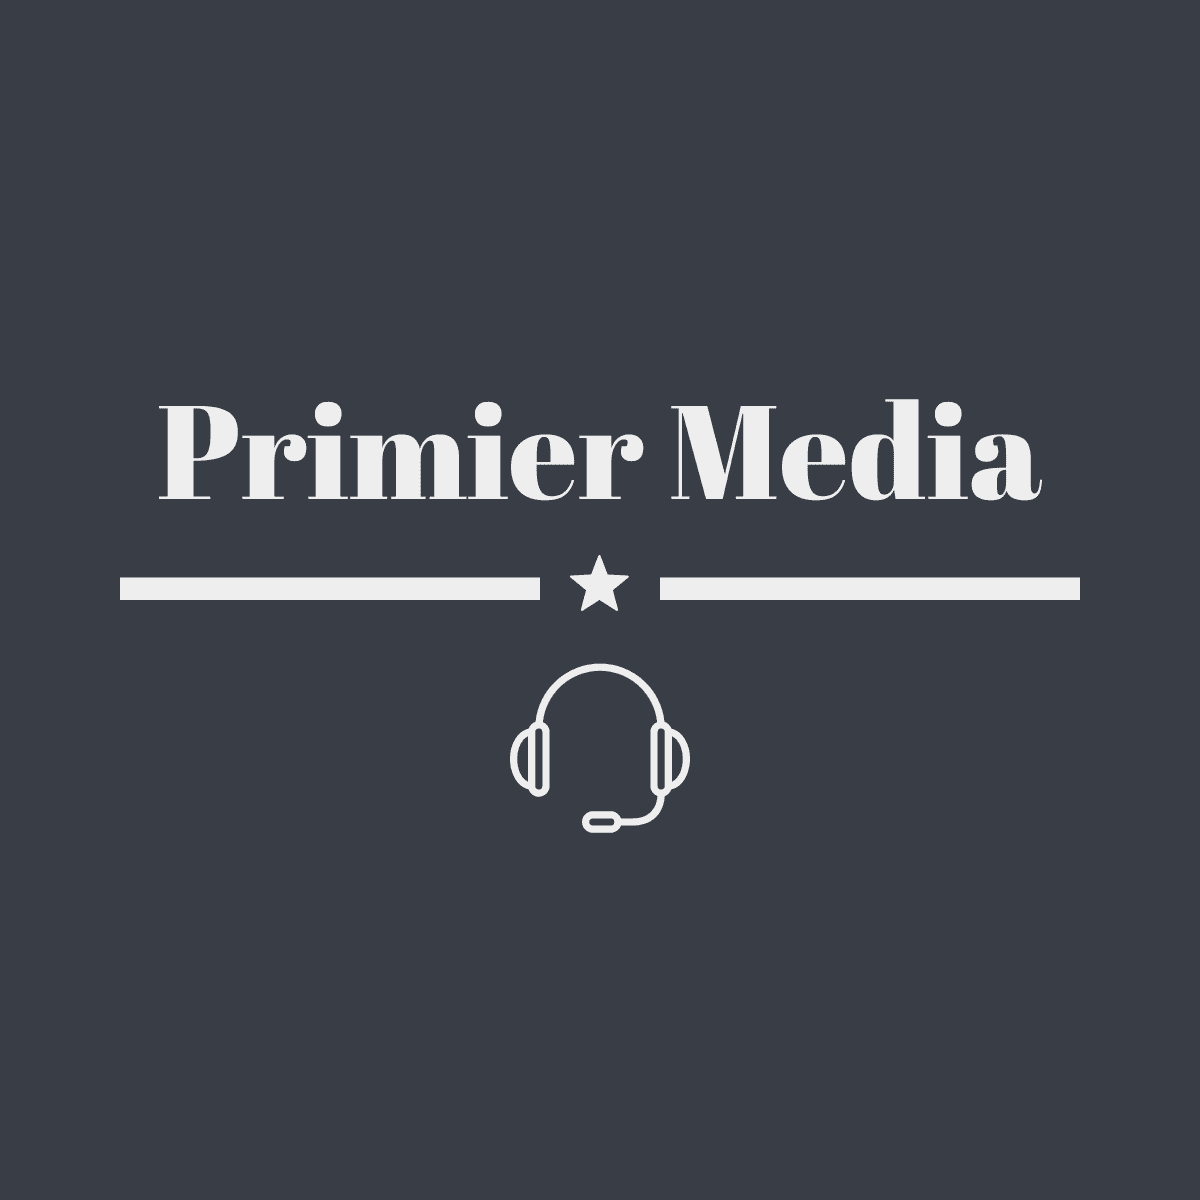 Primier Media